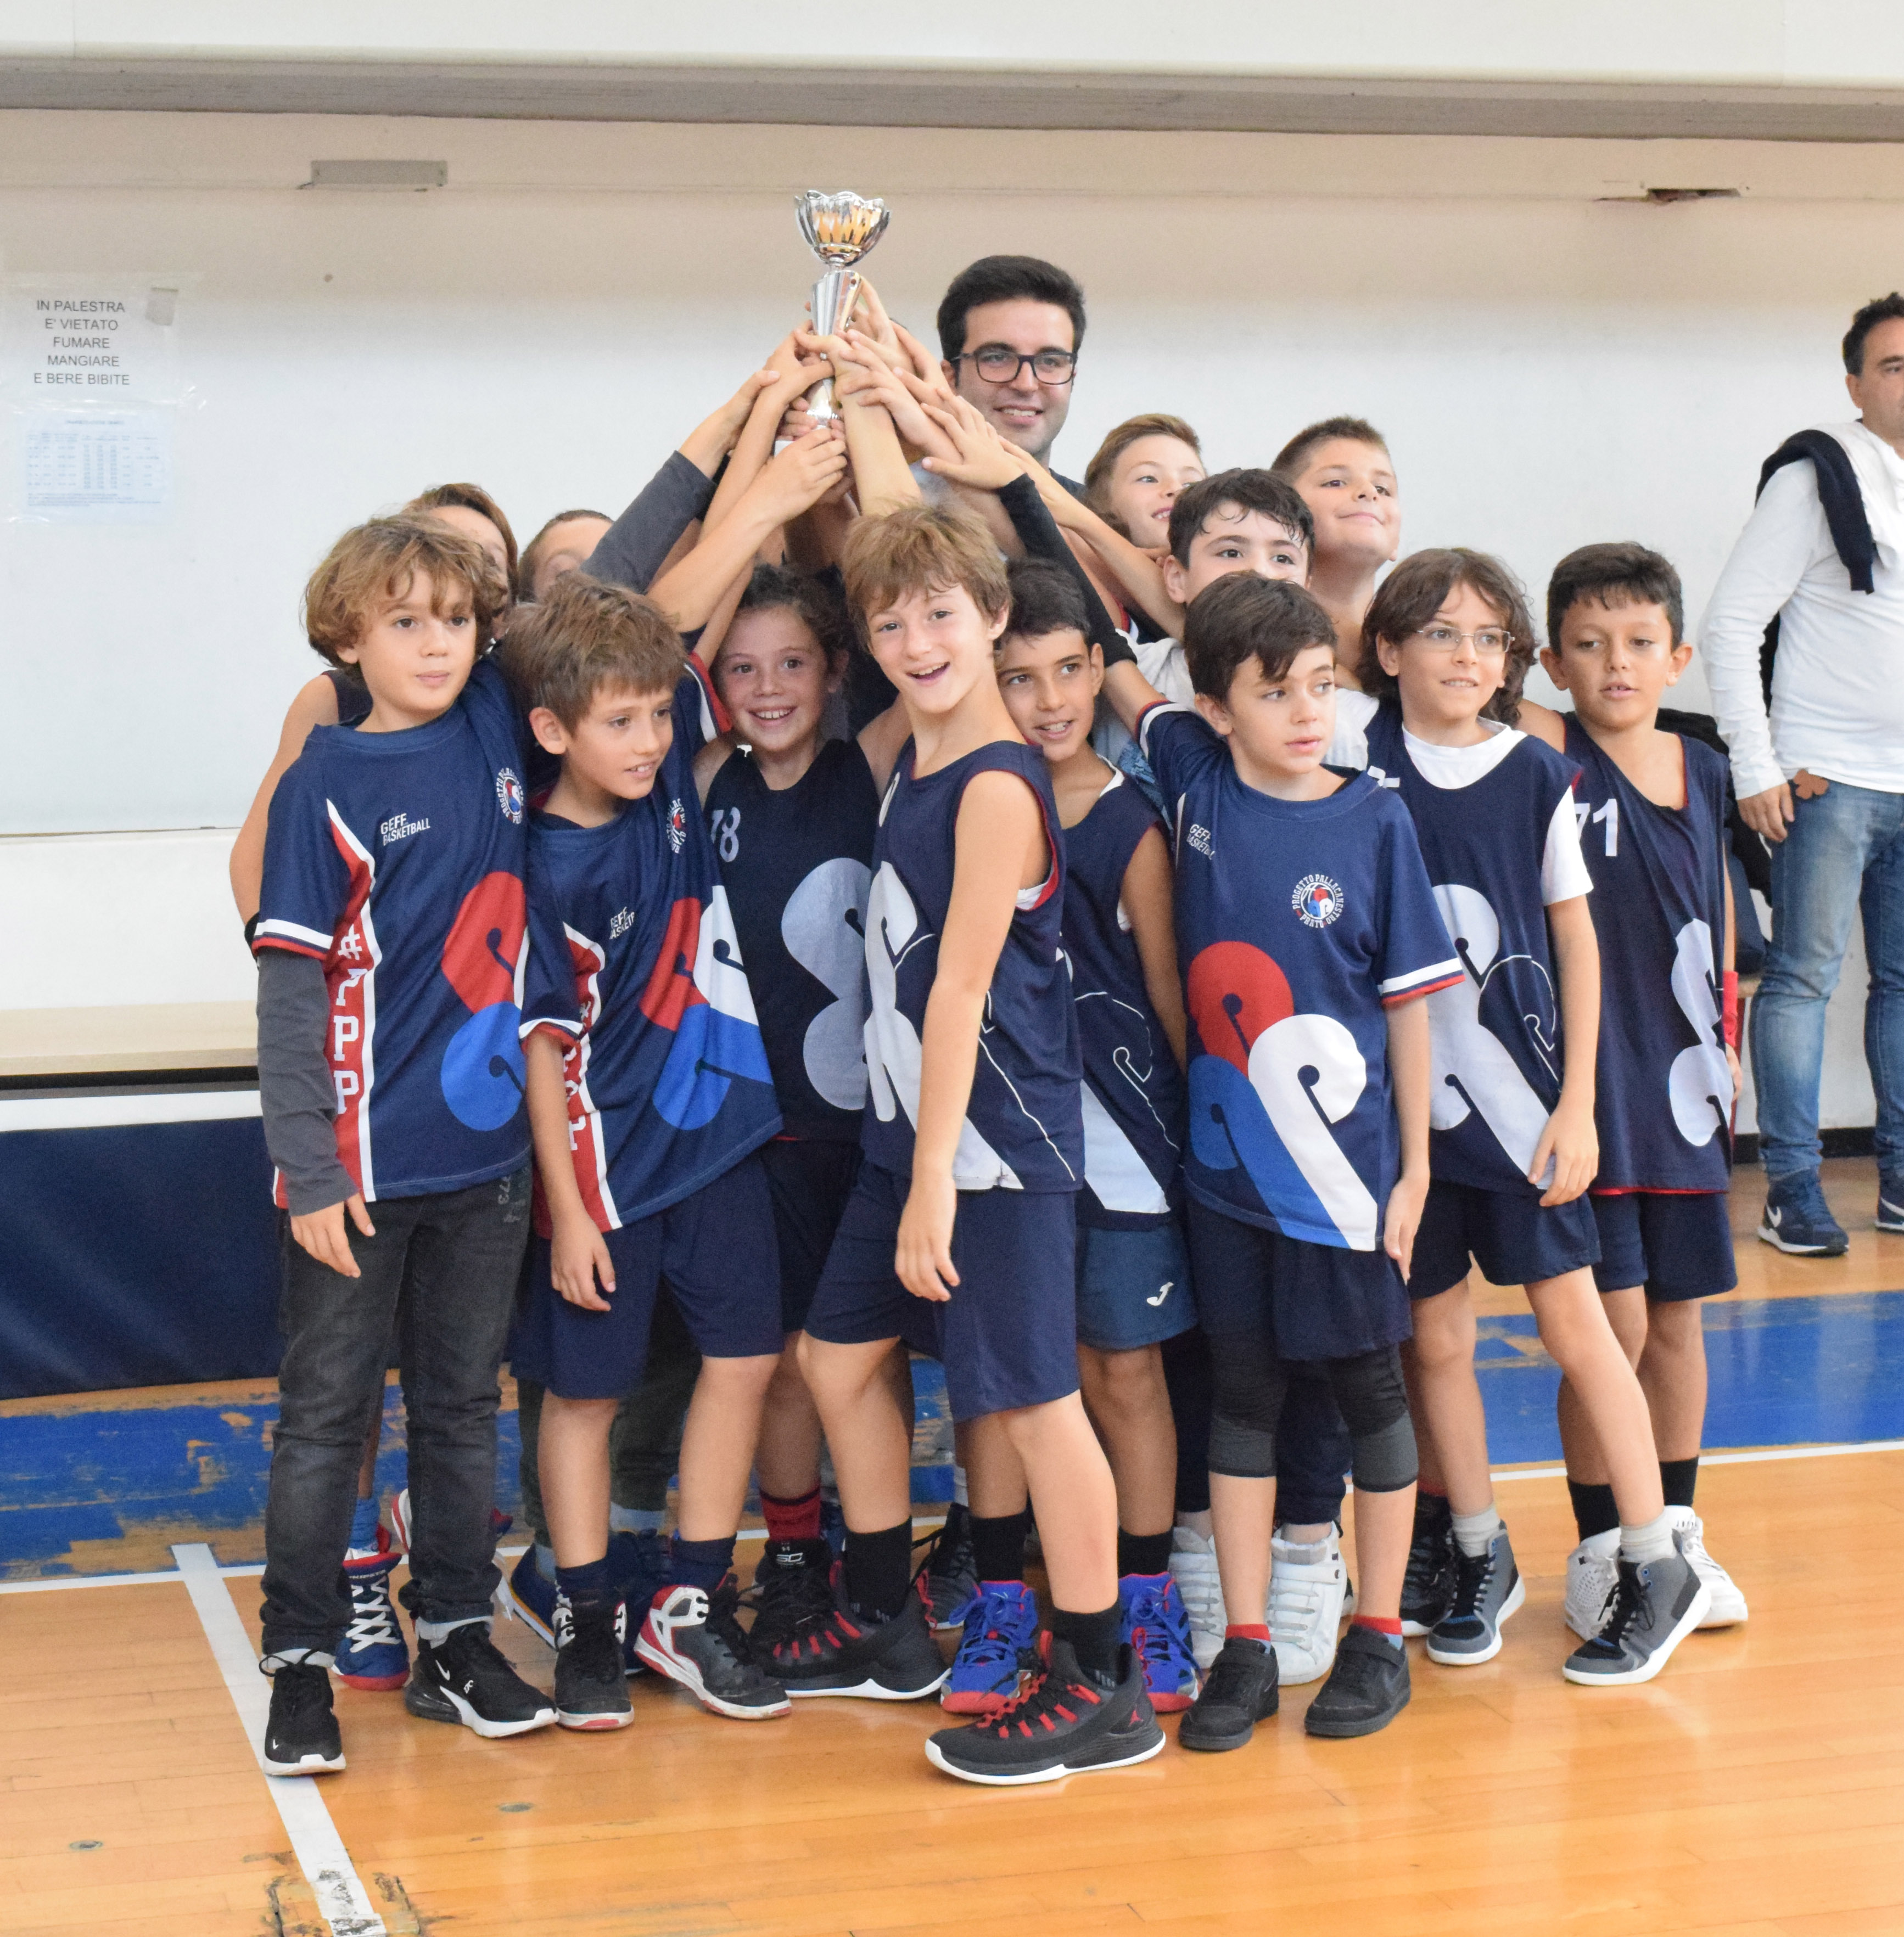 Scoiattoli2009_torneoAutunno_2018_z9o